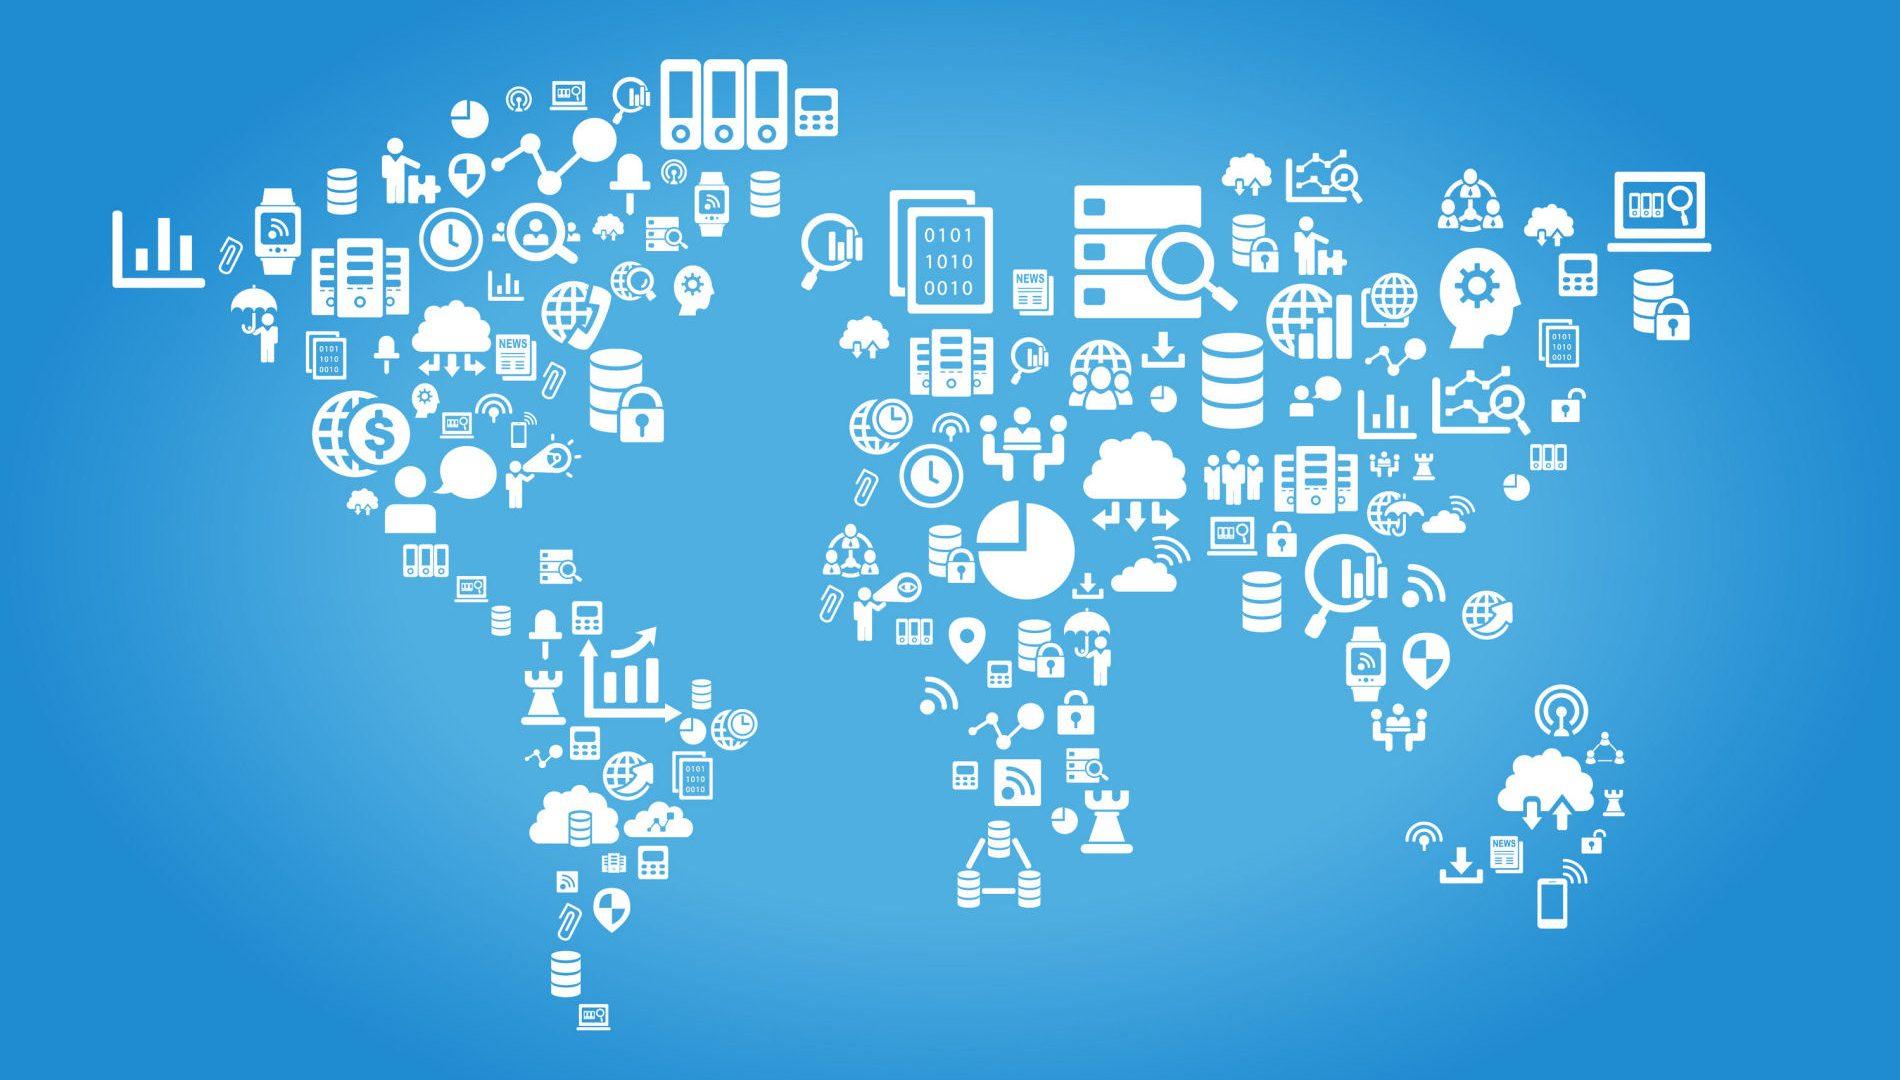 Nuove professioni: al via corso gratuito per Tecnico di Analisi e Gestione dei Big Data